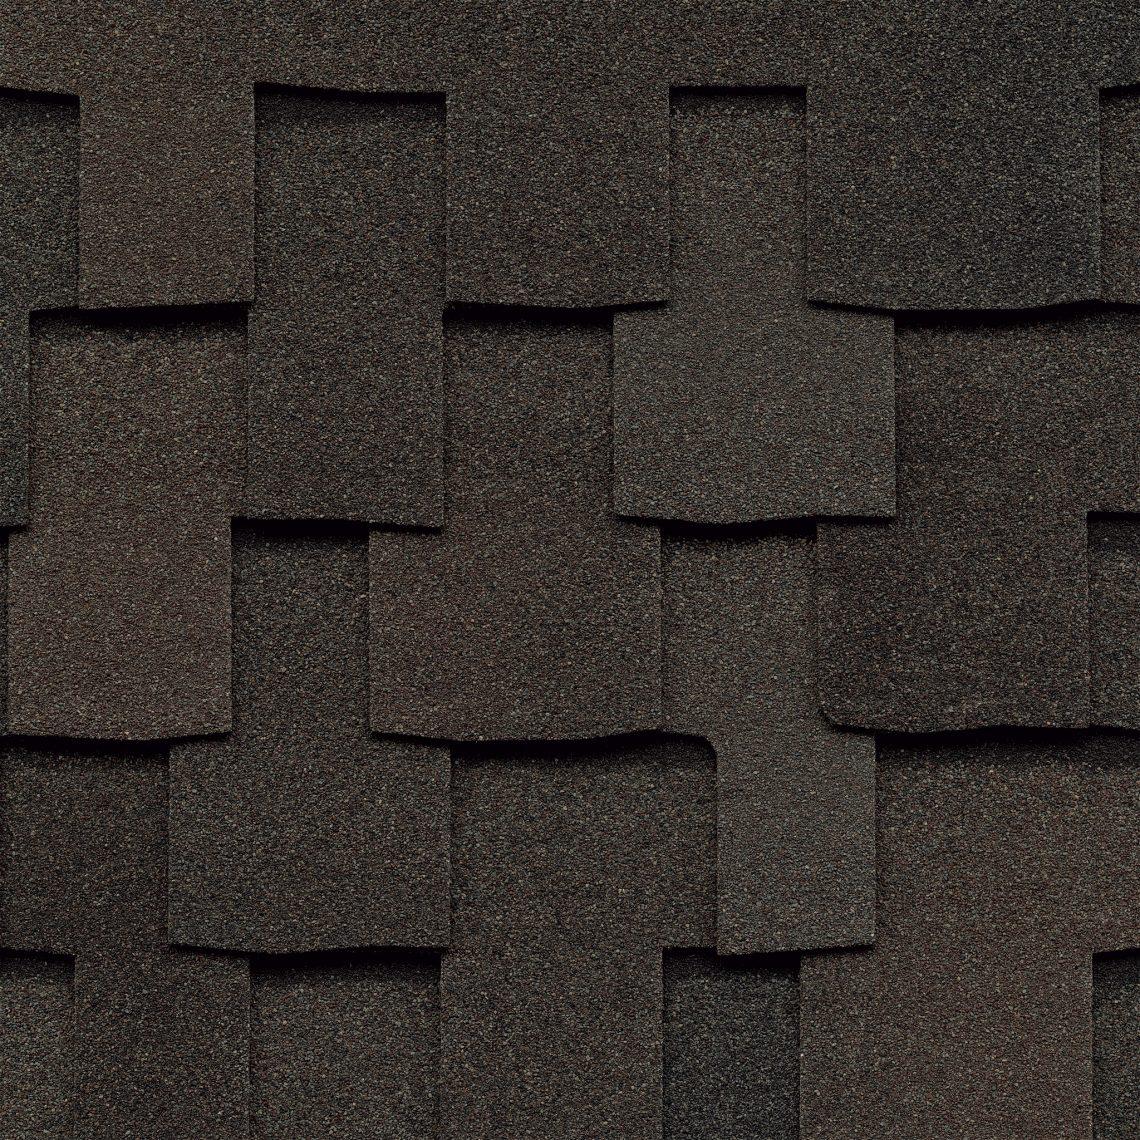 Gaf Slateline 174 Roofing Shingles Certified Gaf Roof